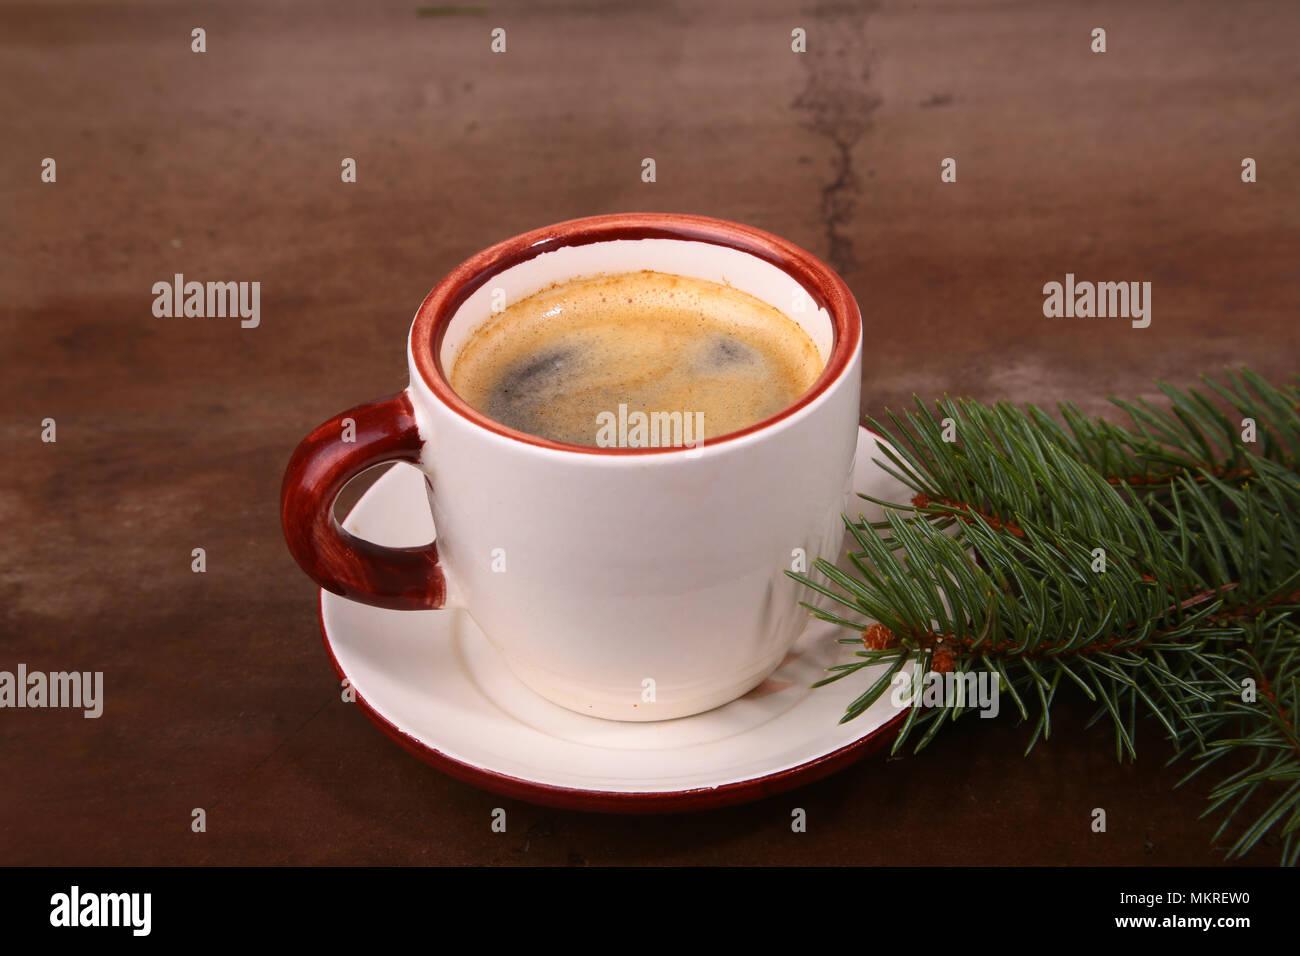 Guten Morgen Oder Schönen Tag Noch Frohe Weihnachten Tasse